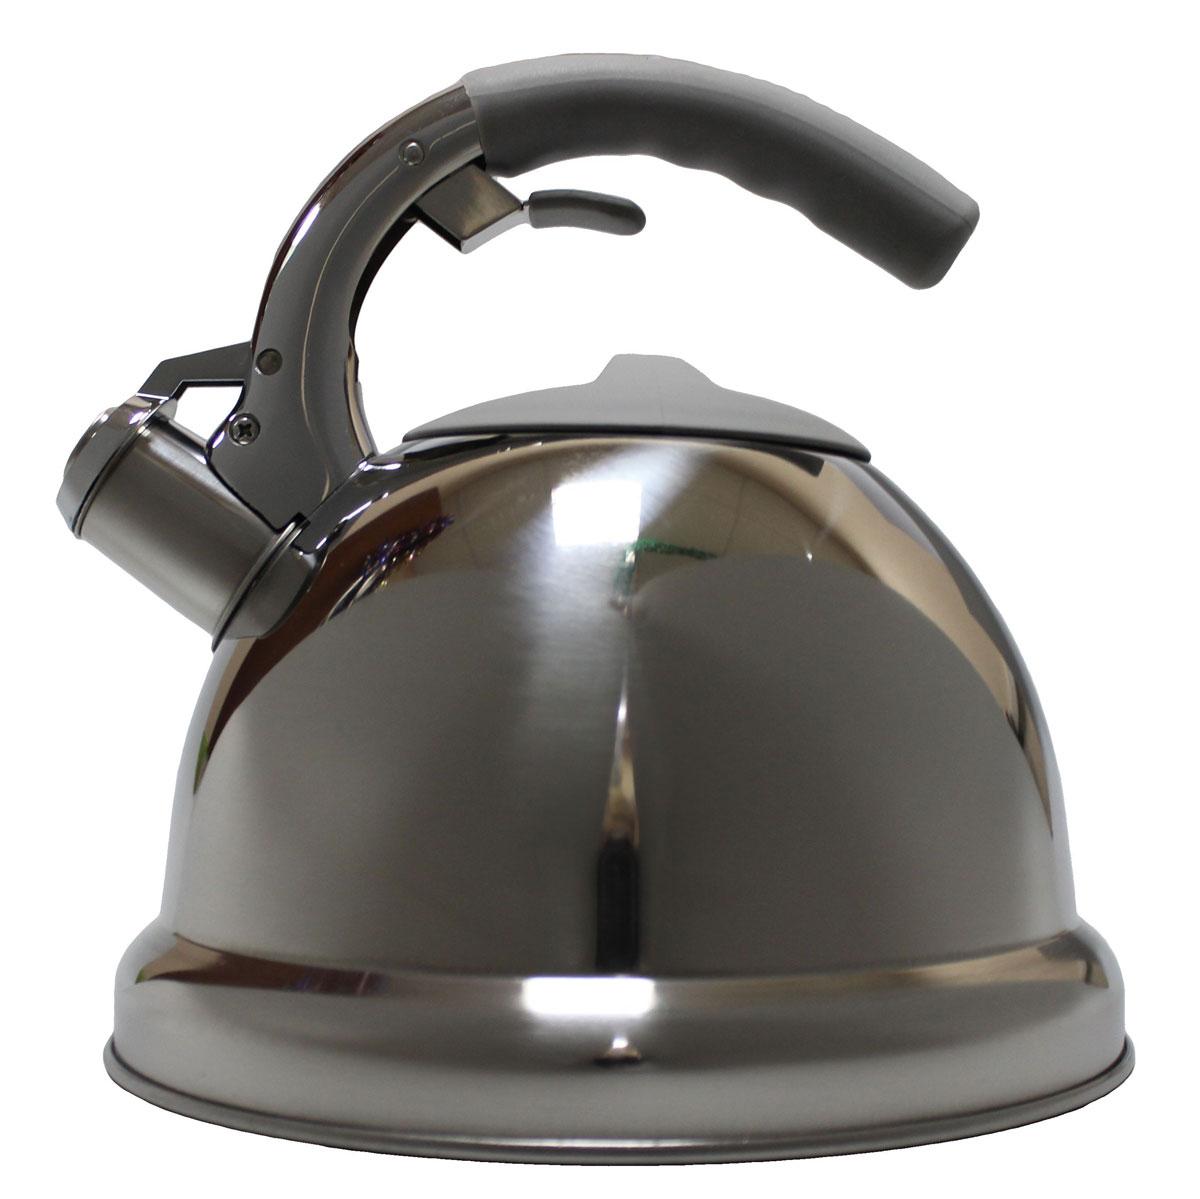 Чайник Vetta Вена, со свистком, 3 л54 009312Зеркальный чайник, объемом 3,0 л. Изготовлен из нержавеющей стали. Имеет свисток, который сообщит о закипании воды. Отлично подходит для индукционных варочных поверхностей.